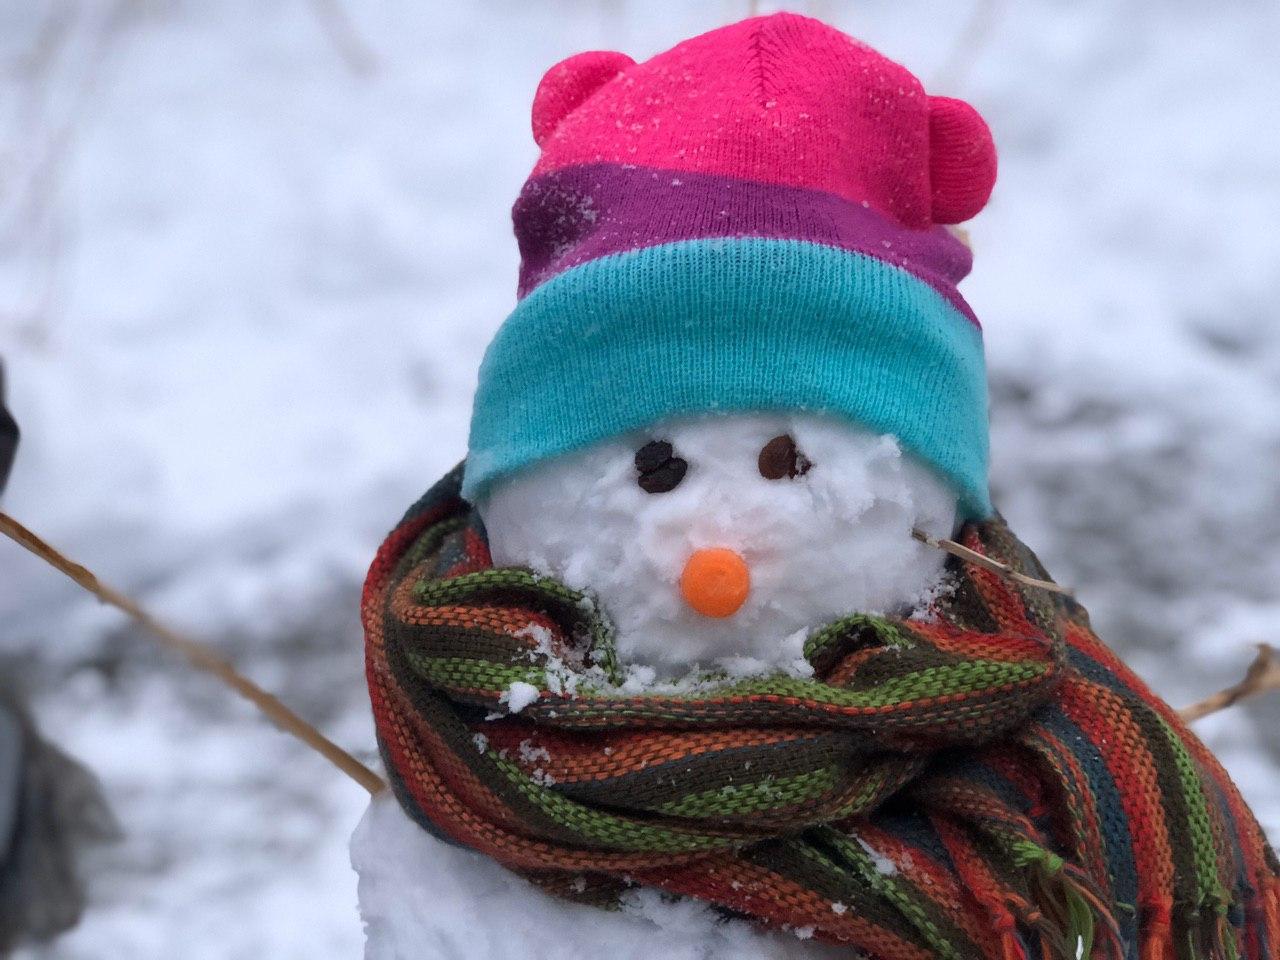 Daisy the Snowman